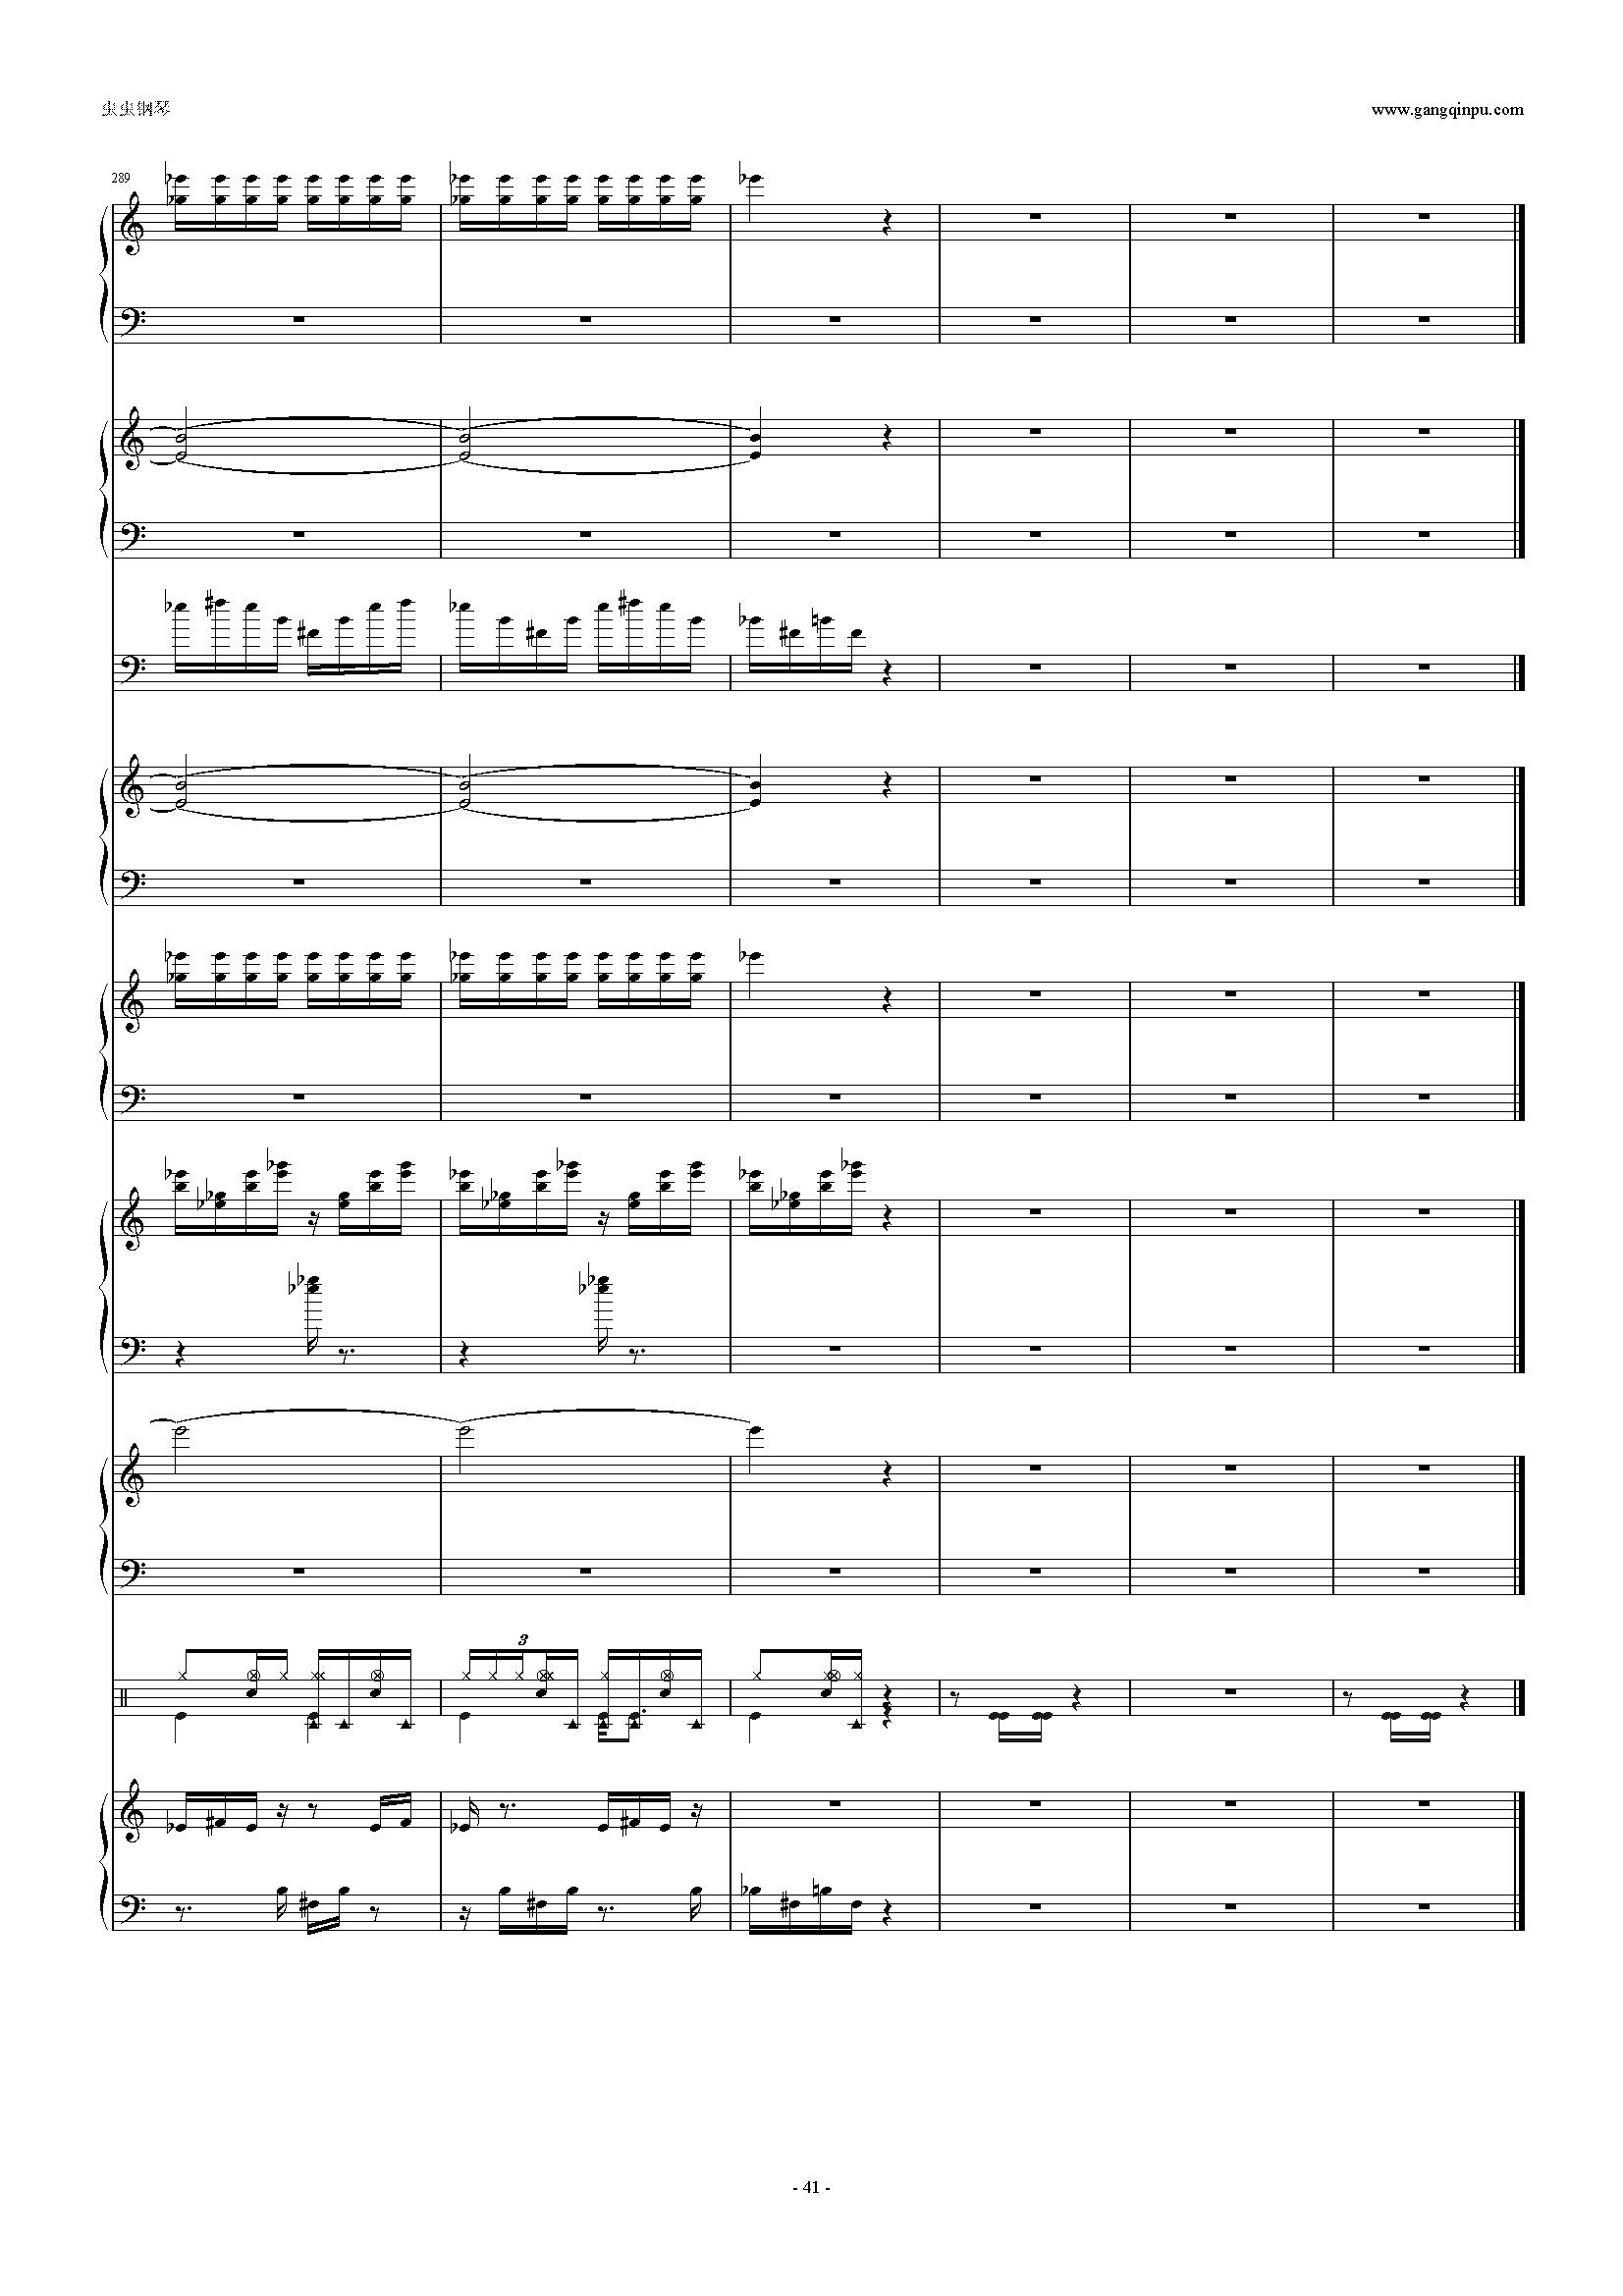 少女幻葬钢琴谱 第41页